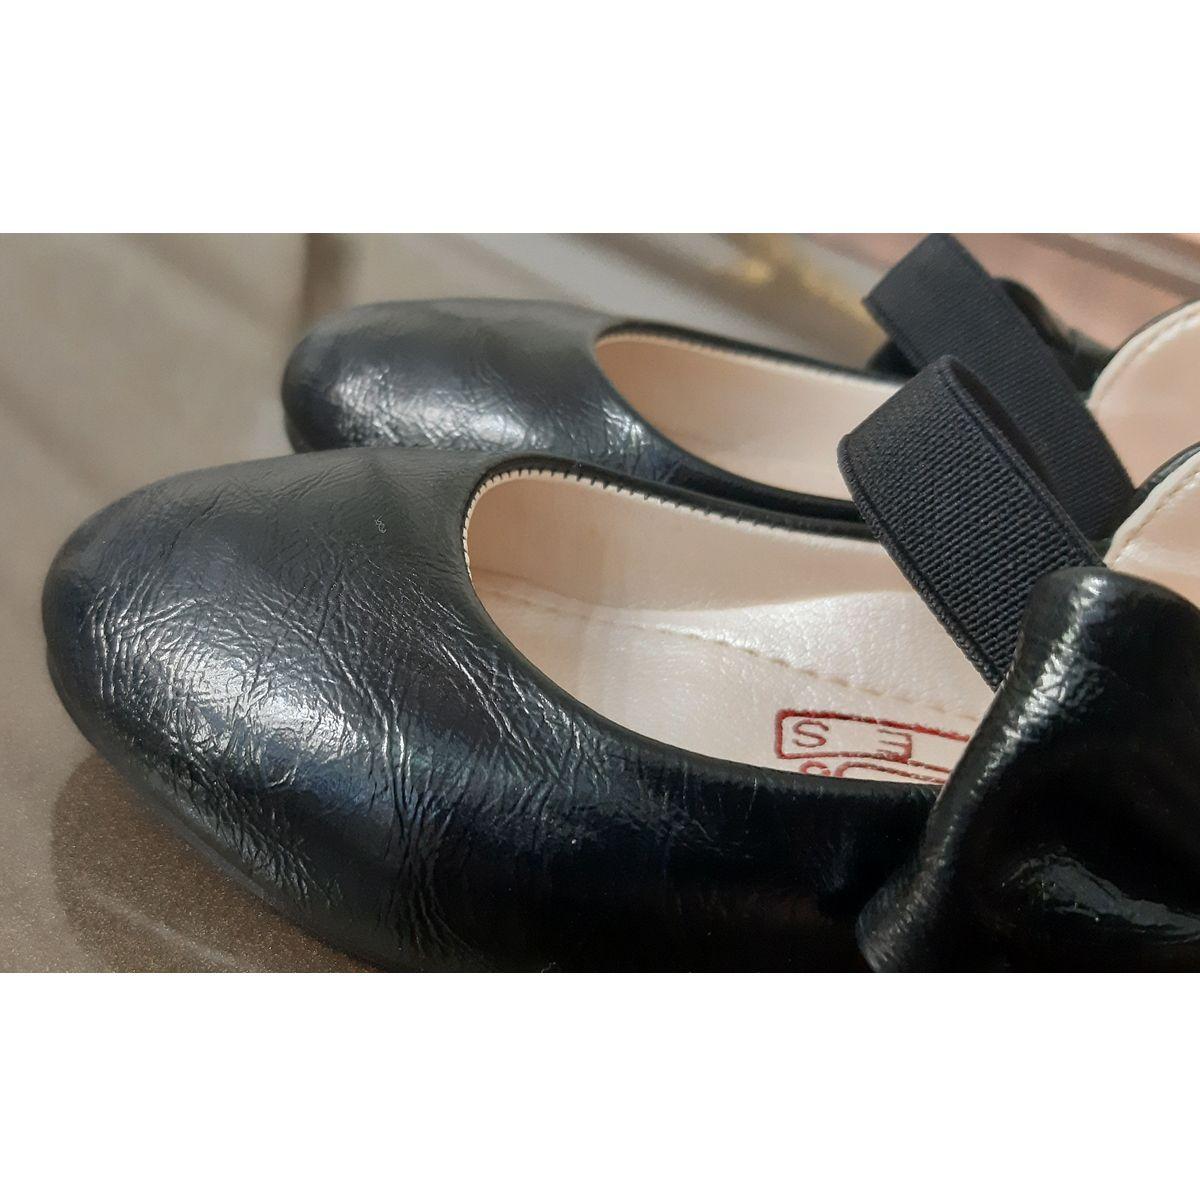 کفش دخترانه طرح پاپیون کد ta45210 -  - 6